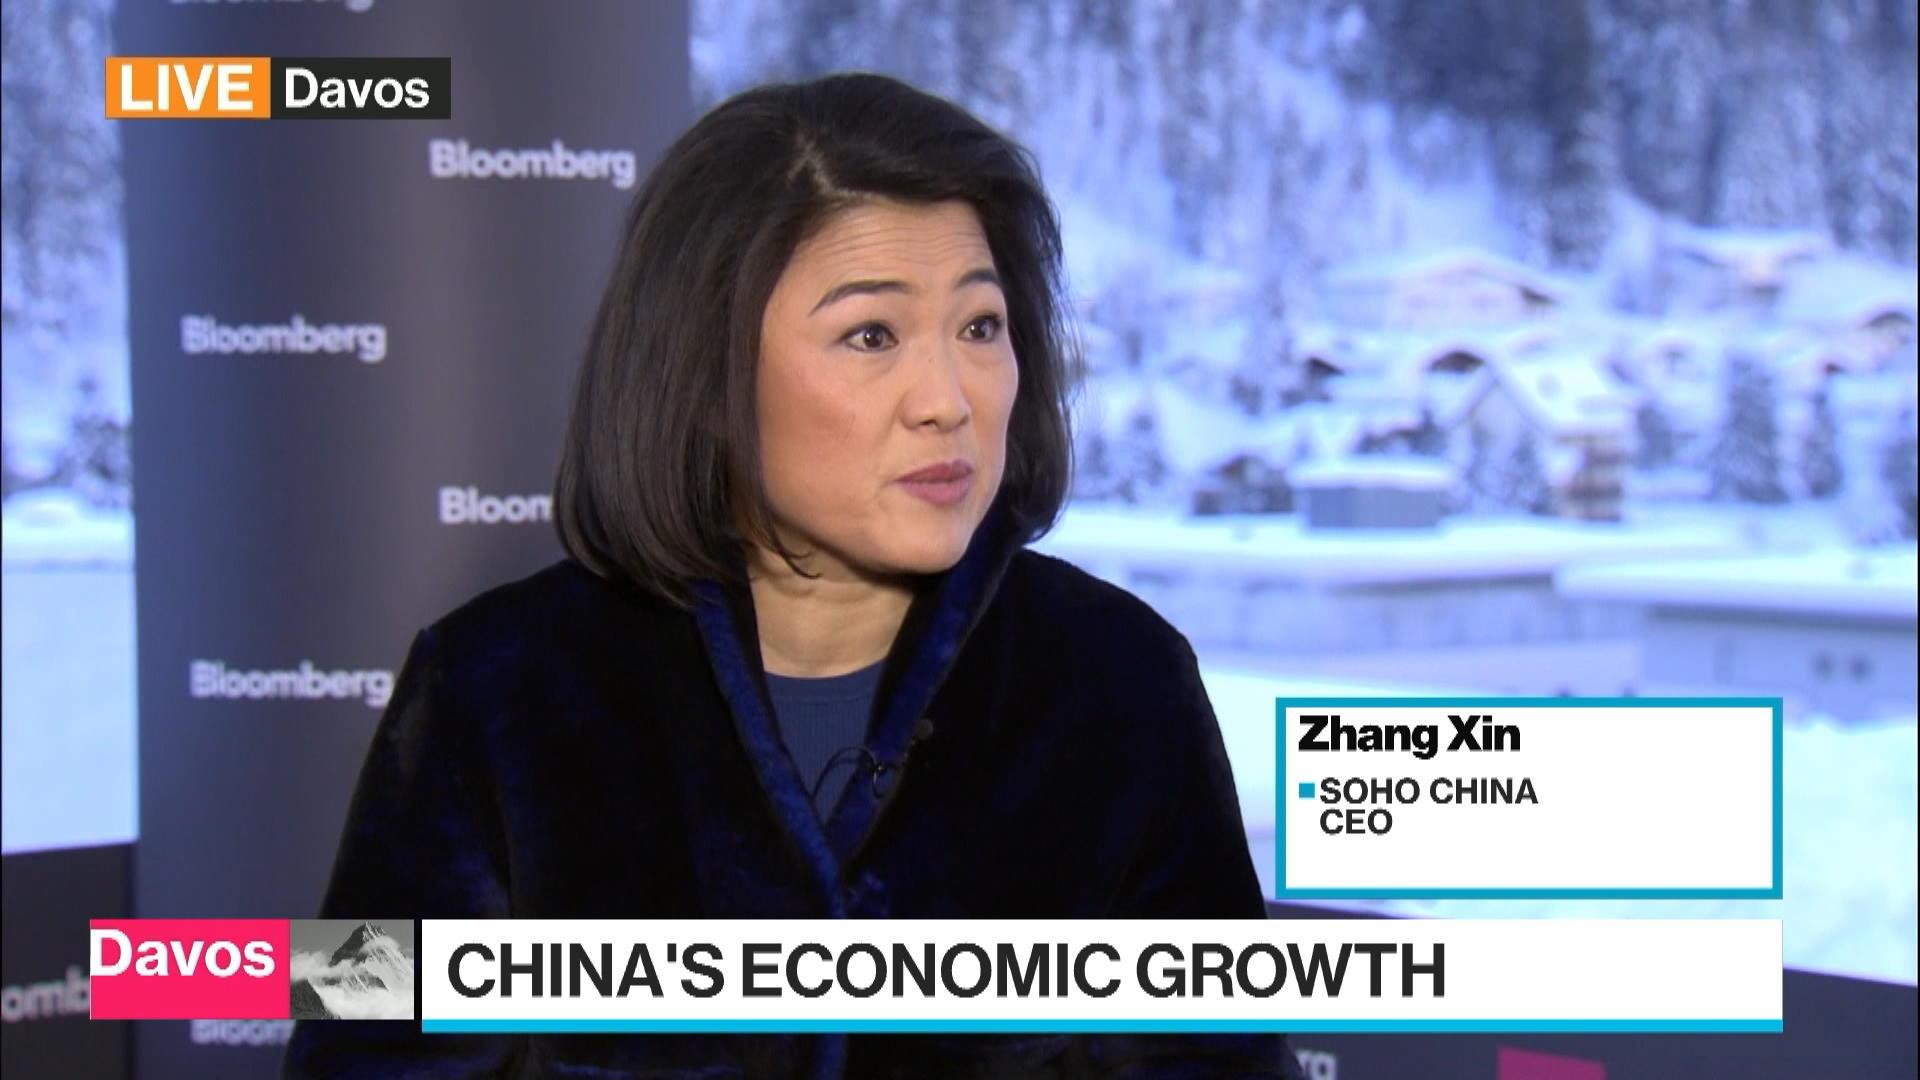 Soho China CEO Says All Eyes Are on U.S.-China Trade Talks